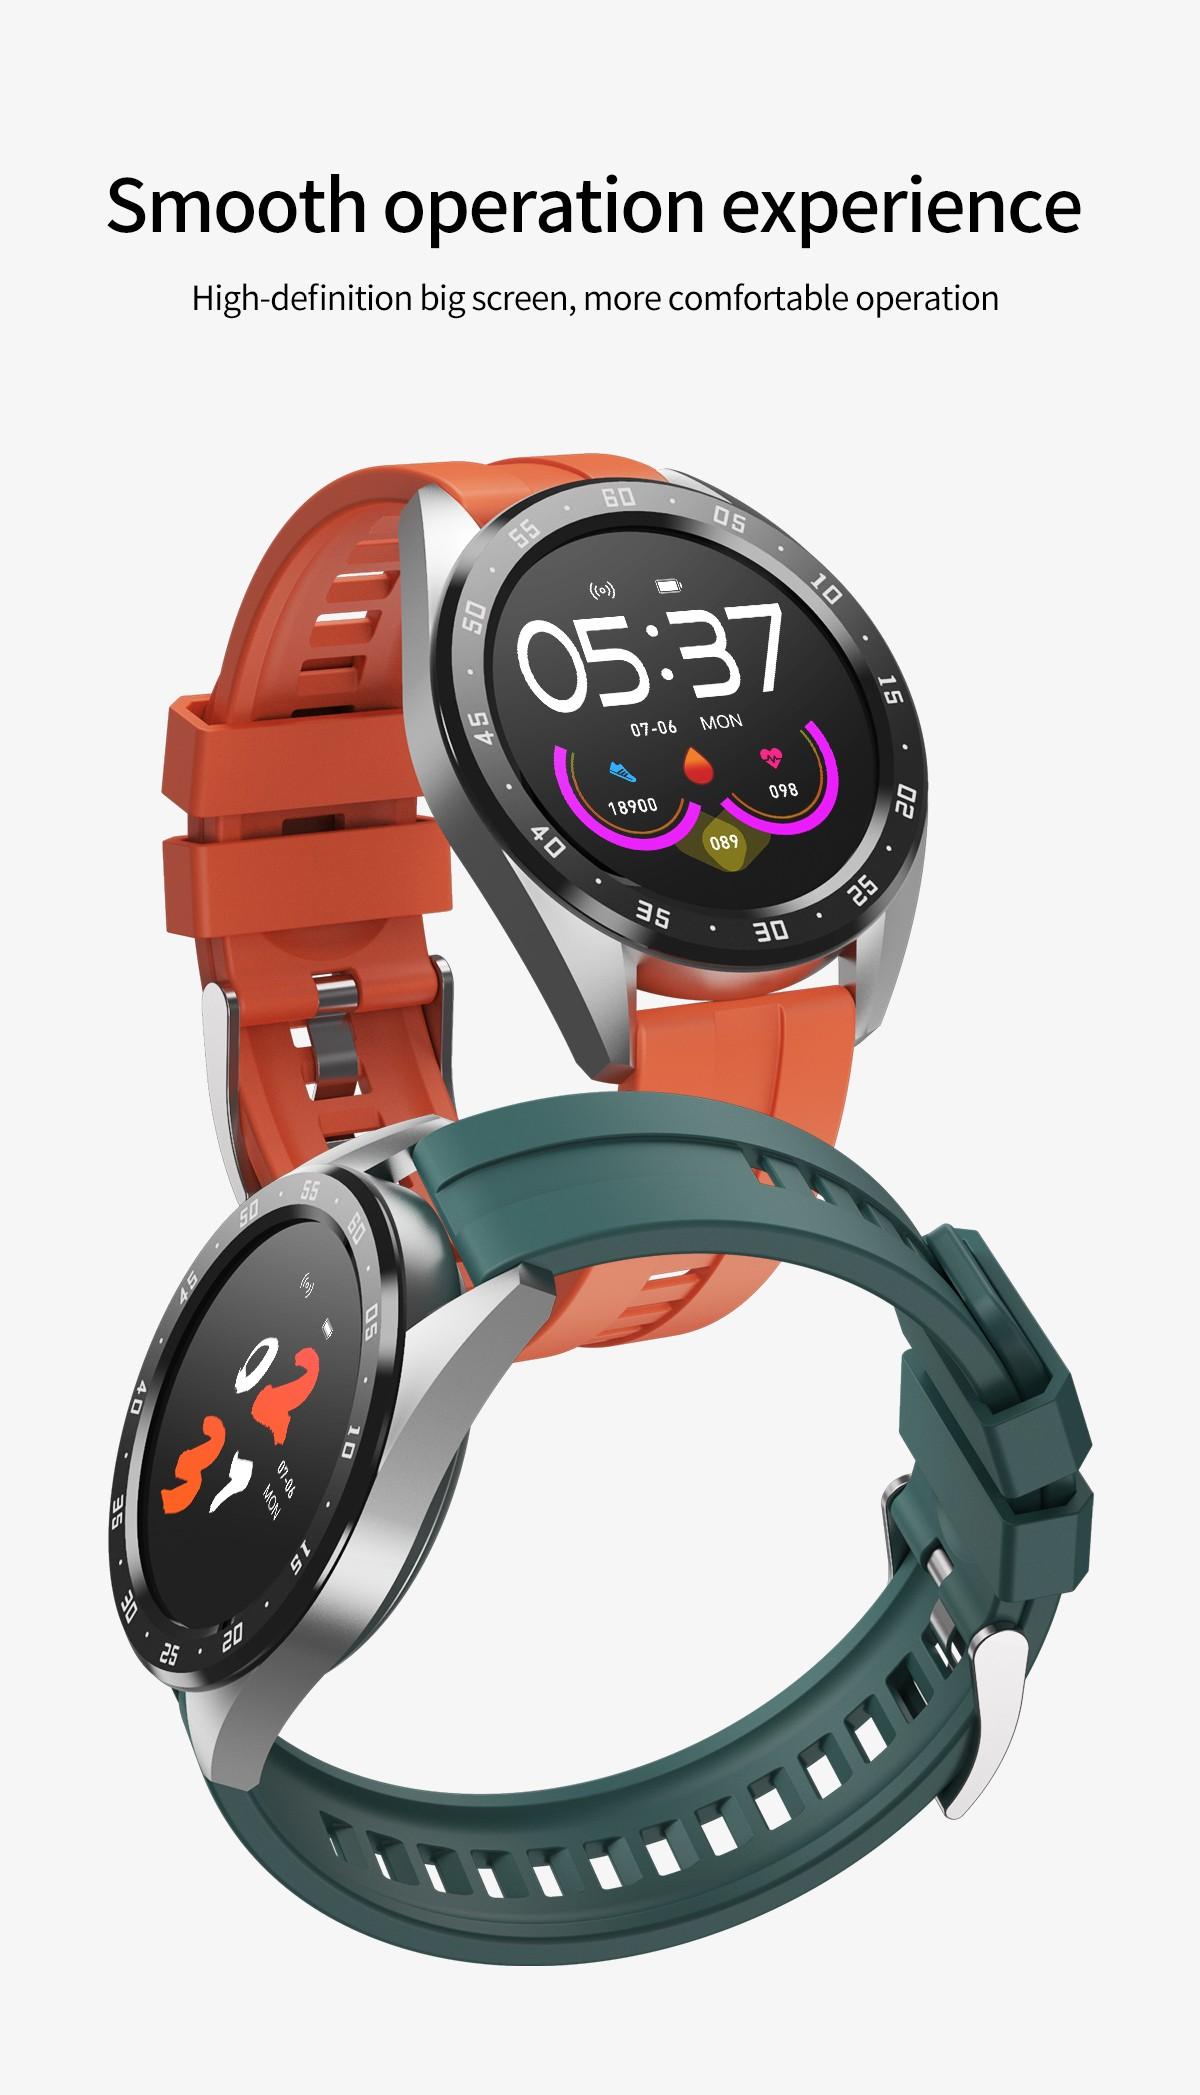 X10 Intelligent Sports Watch 1.3 inch Bluetooth Smartwatch